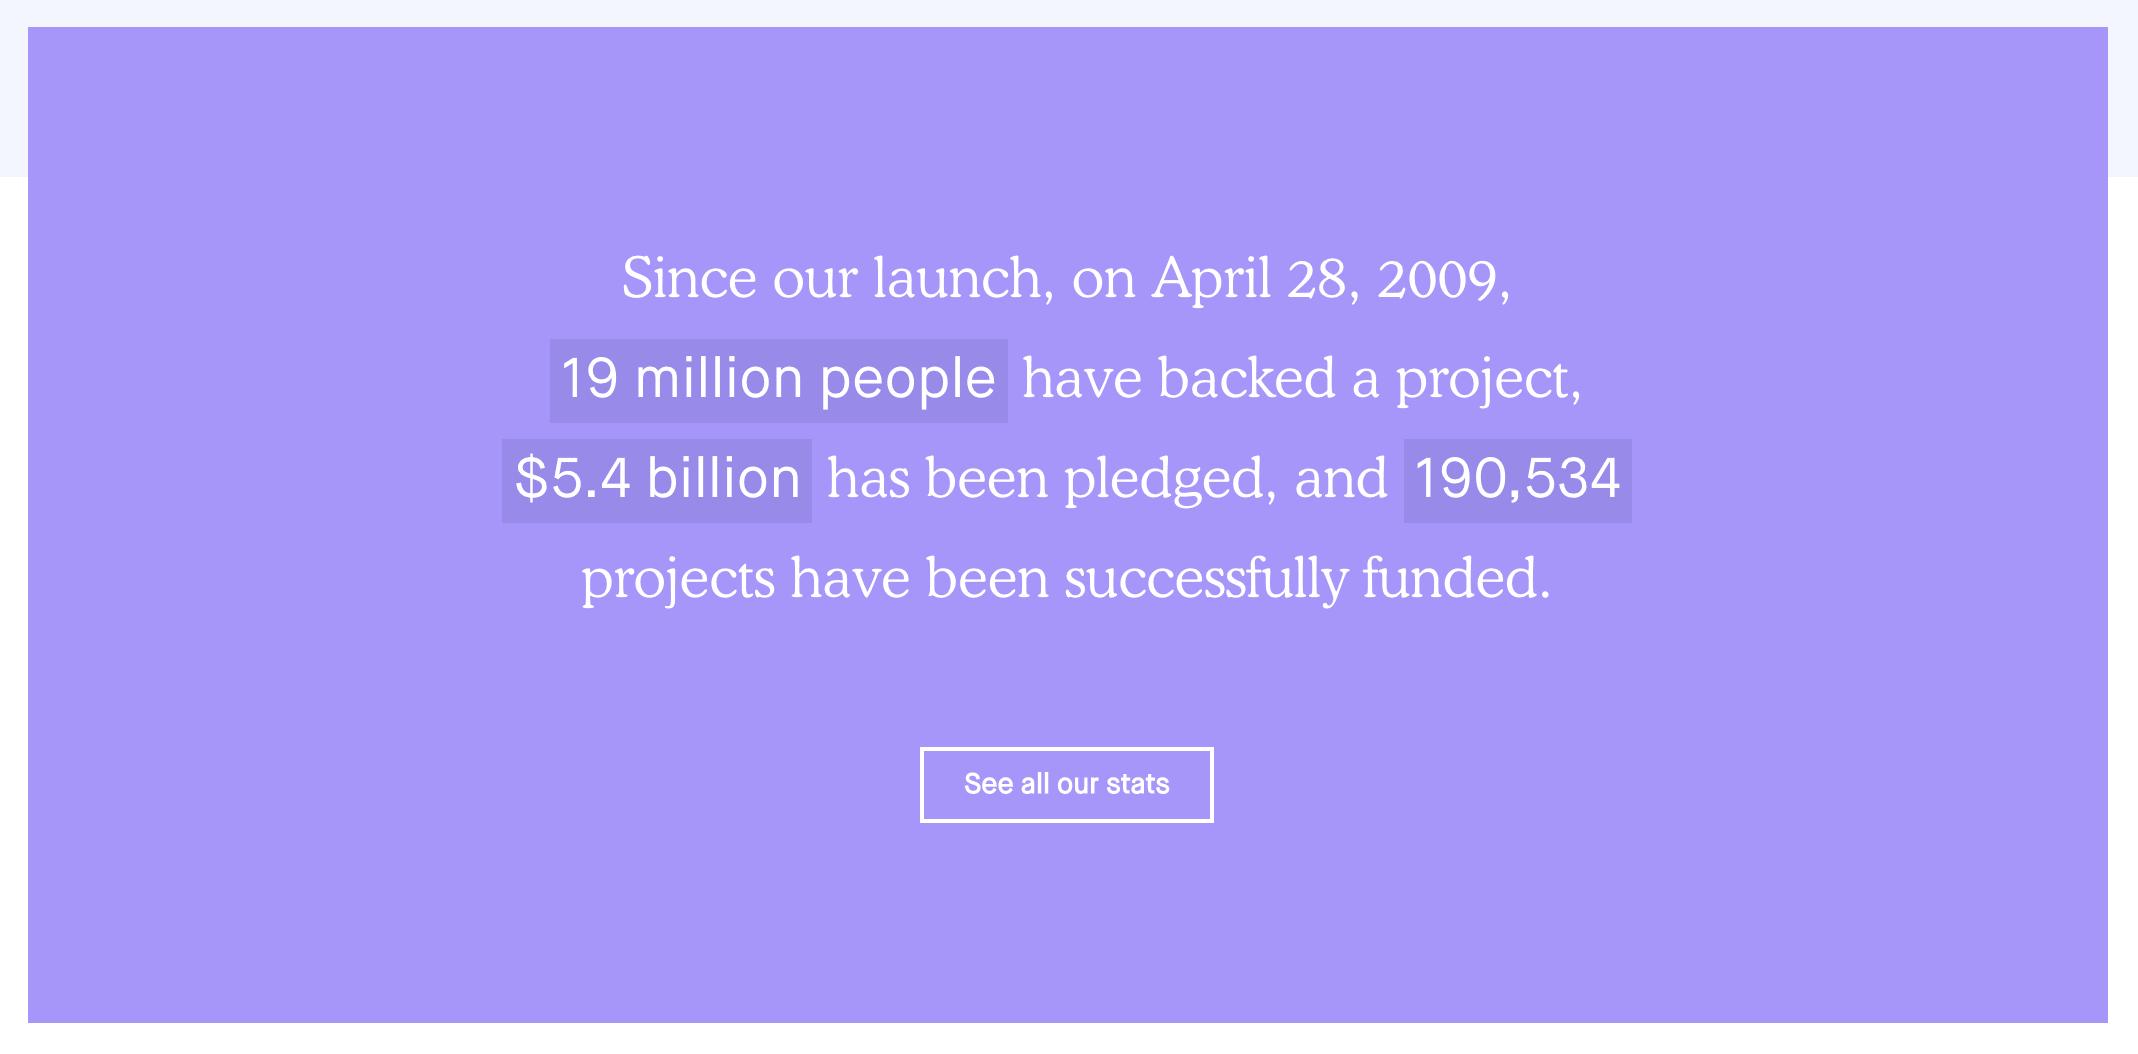 Kickstarter Media Kit Social Media Statistics